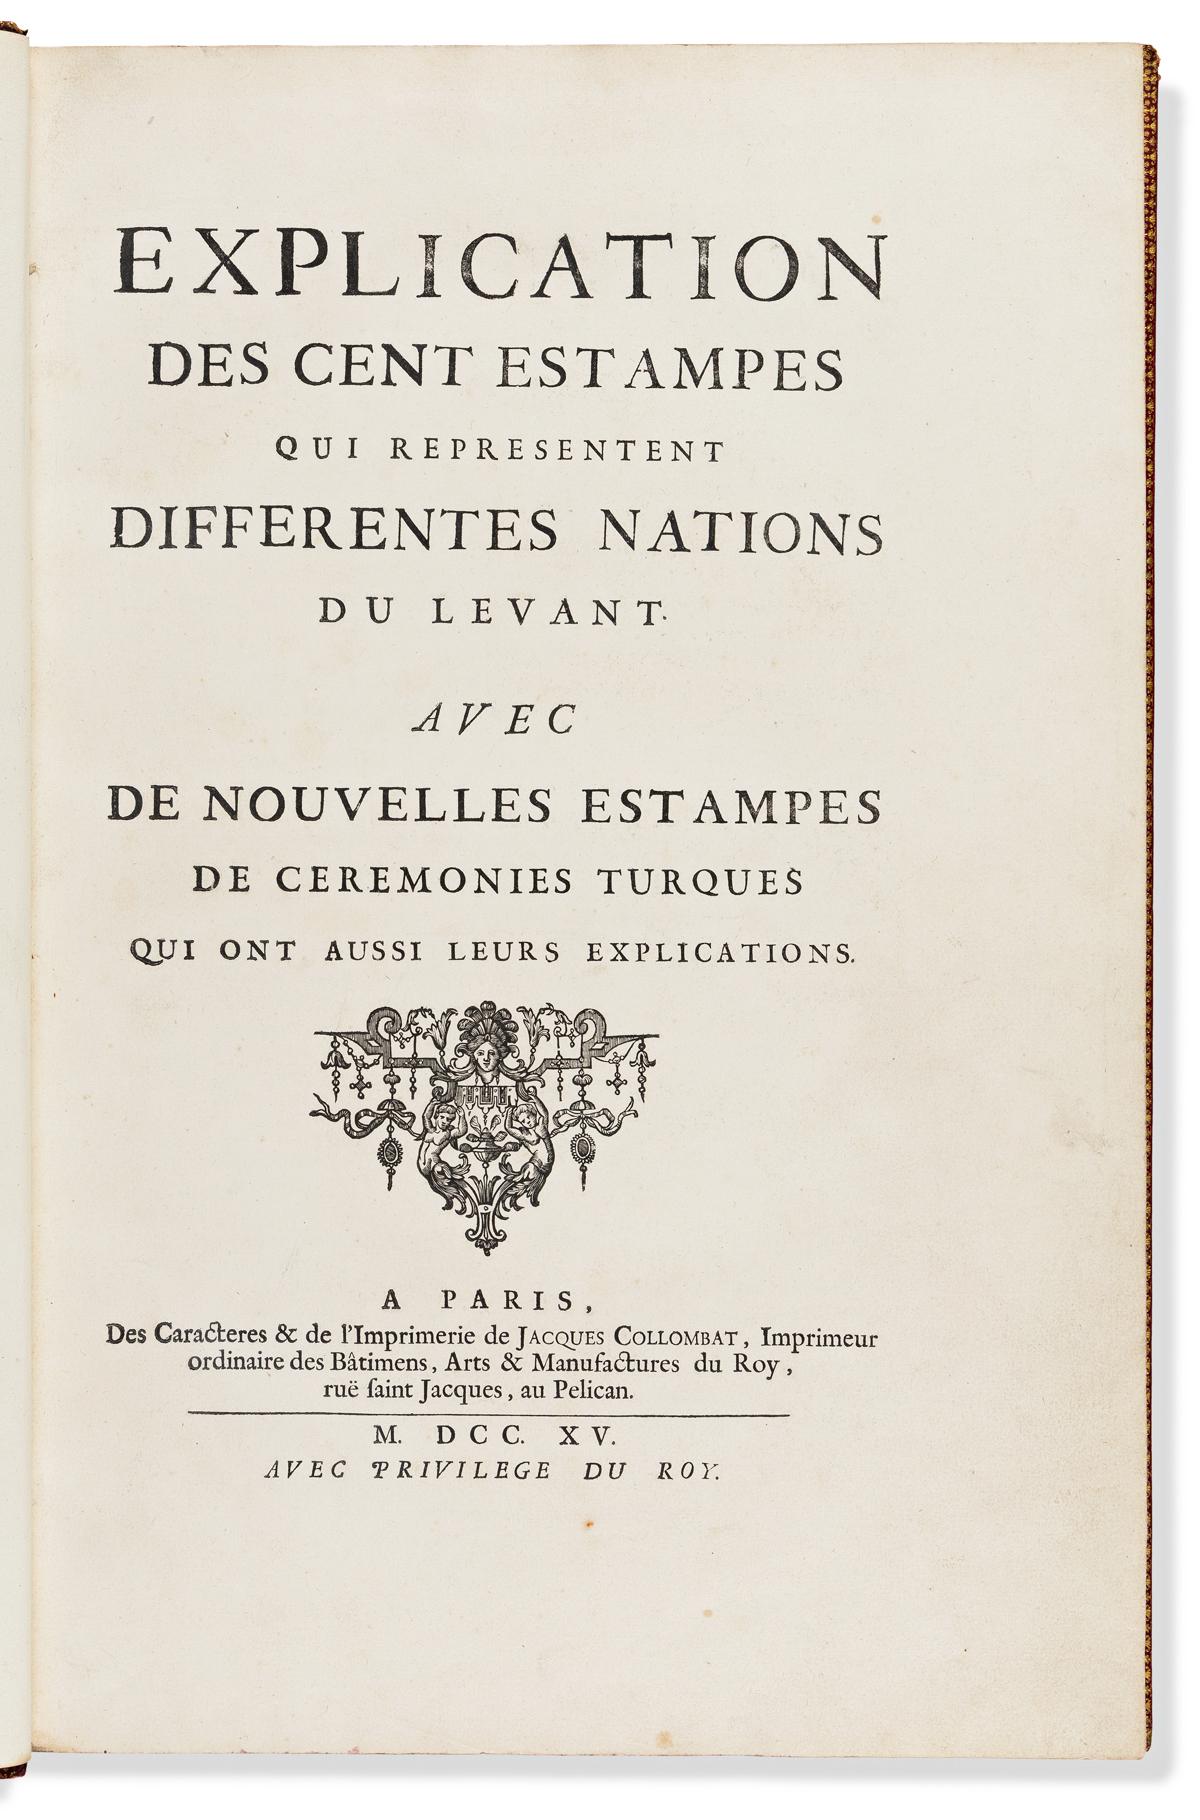 Le Hay, Jacques (c. 1645-1713) & Charles de Ferriol (1652-1722) Recueil de Cent Estampes Representant Differentes Nations du Levant.